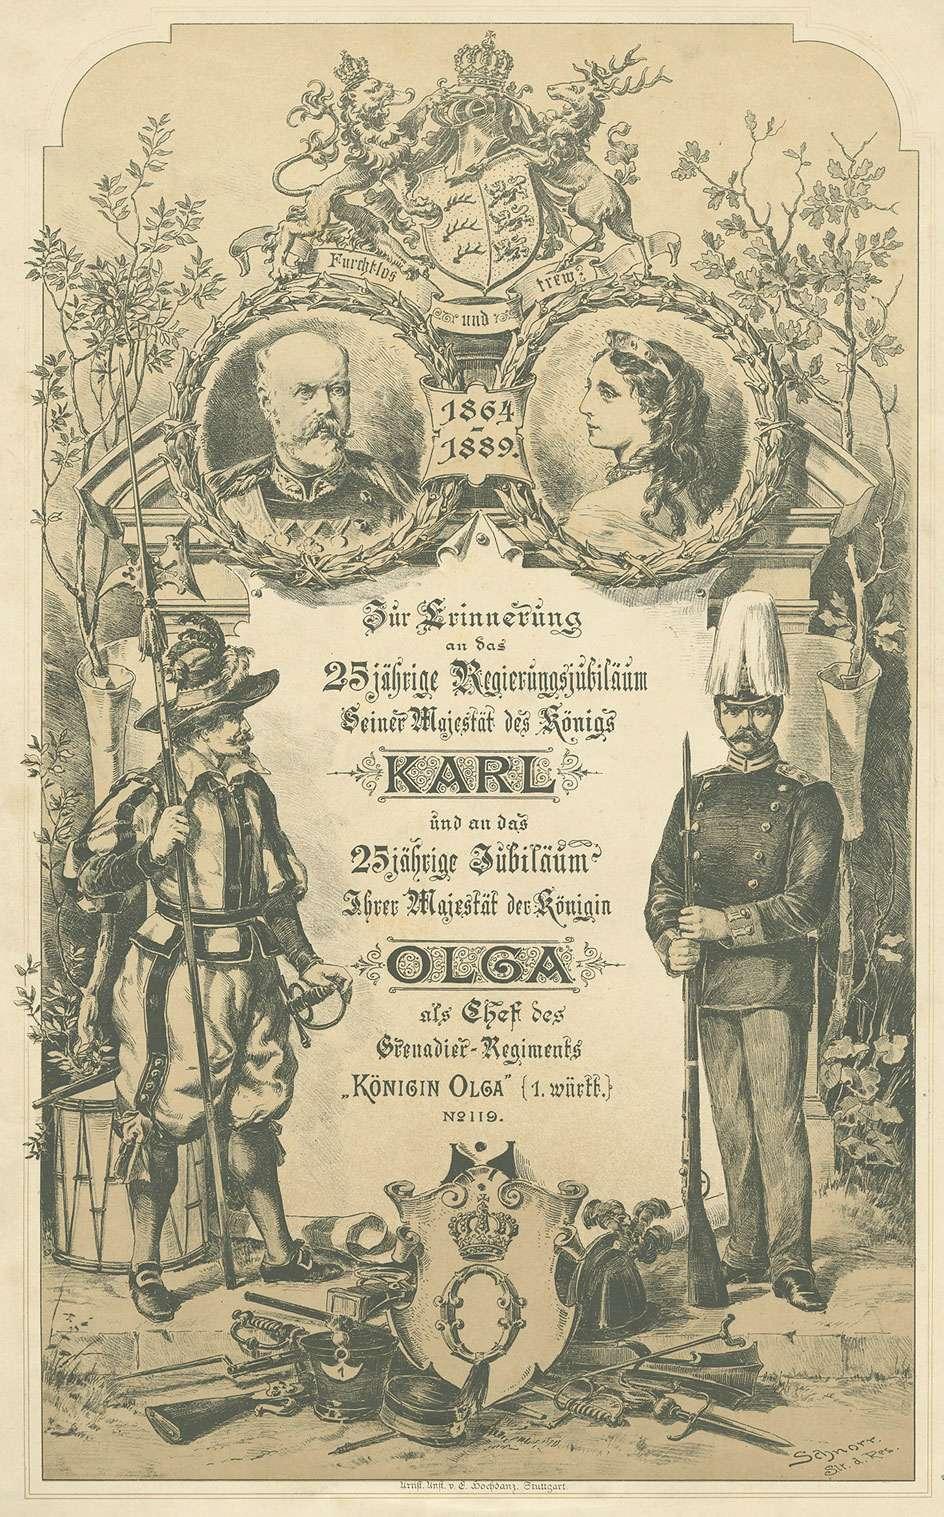 Geschmücktes Titelblatt Bildersammlg. vom Regiment an Königin Olga von Württemberg anlässl. ihres 25-jährigen Jubiläums als Chefin des Regiments und Dienstjubiläum König Karl von Württemberg, 1889, mit Medaillon des Paares, Bild 1